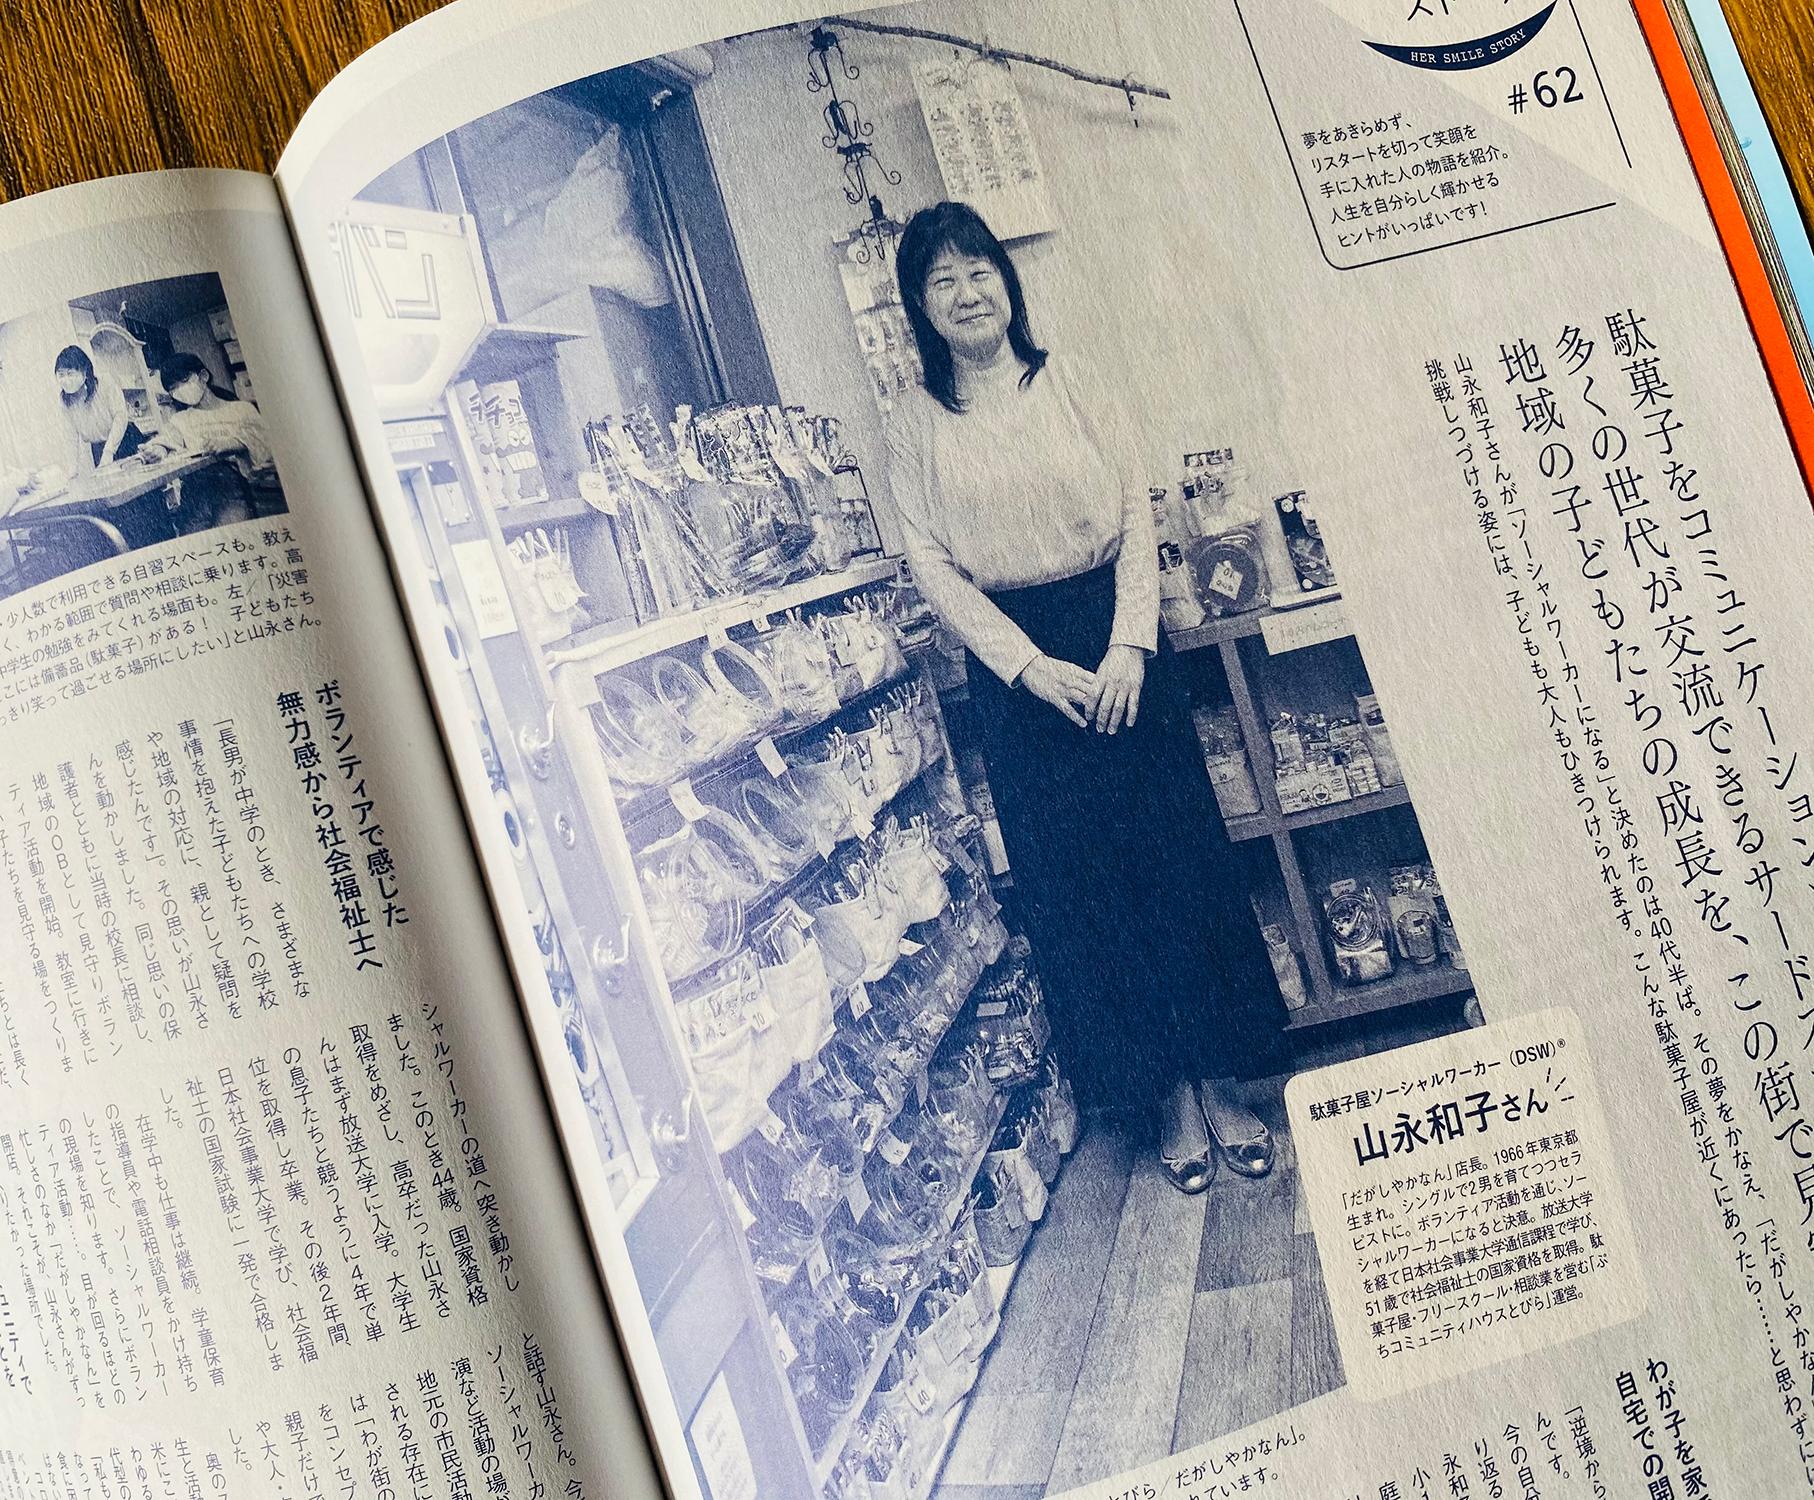 駄菓子屋かなんのオレンジページの記事